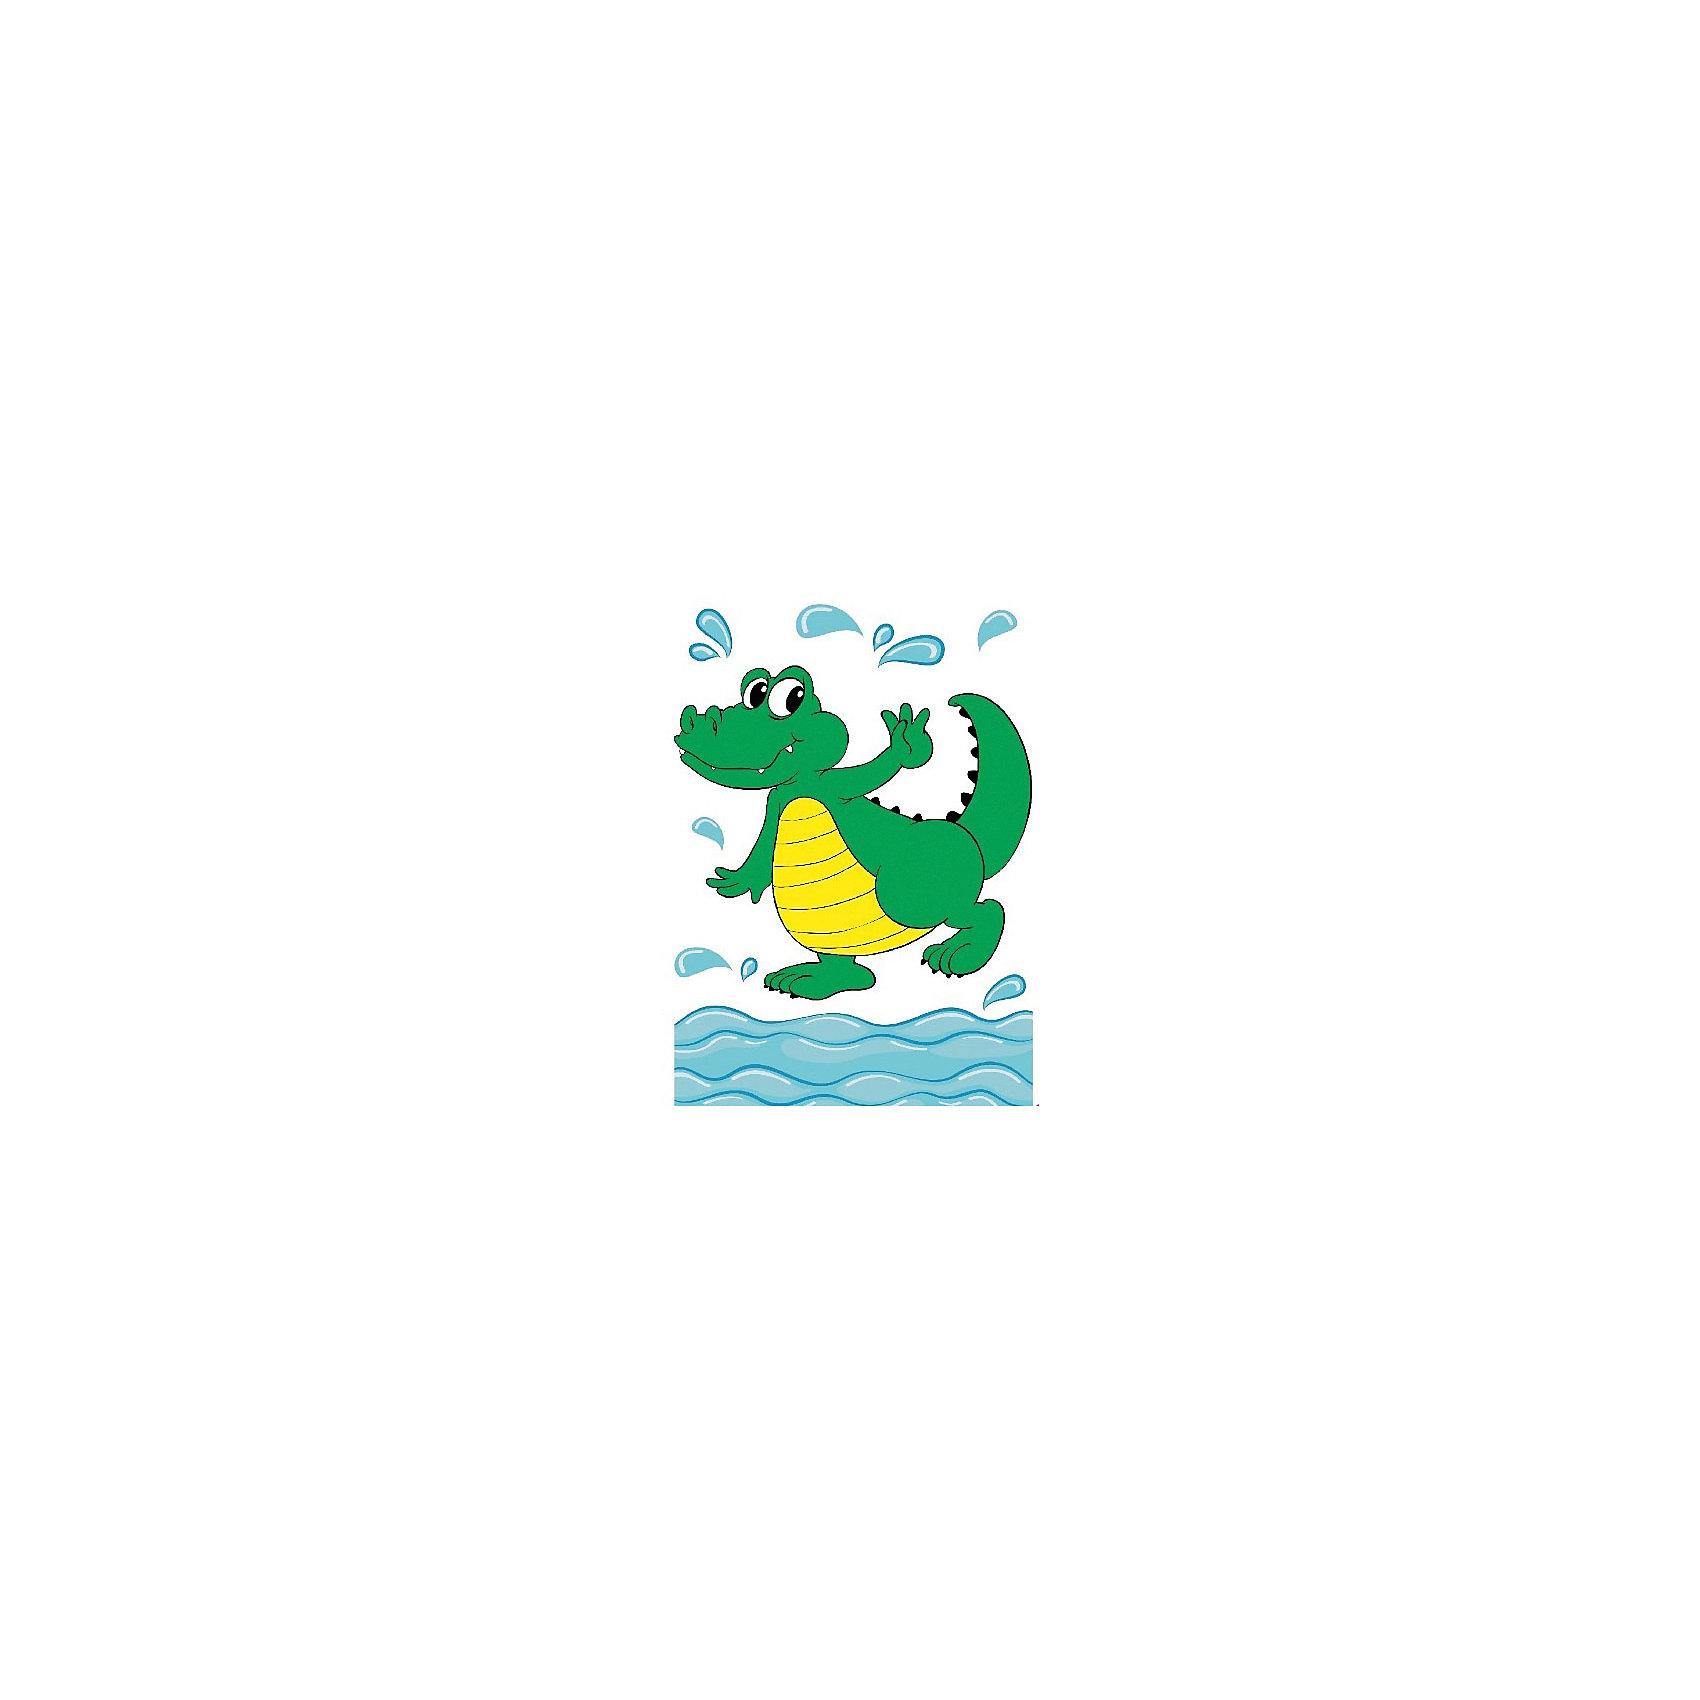 Набор юного художника Крокодил Тошка, 20*30 смРисование<br>Характеристики товара:<br><br>• материал упаковки: картон <br>• в комплект входит: холст, акриловые краски, 3 кисти<br>• возраст: от 5 лет<br>• вес: 330 г<br>• размер картинки: 20х30 см<br>• габариты упаковки: 30х20х3 см<br>• страна производитель: Китай<br><br>Картины по номерам совсем недавно появились на рынке, но уже успели завоевать популярность. Закрашивая черно-белые места на картинке, ребенок получит полноценную картину и опыт художественного мастерства. Материалы, использованные при изготовлении товаров, проходят проверку на качество и соответствие международным требованиям по безопасности. <br><br>Набор юного художника Крокодил Тошка, 20*30 см можно купить в нашем интернет-магазине.<br><br>Ширина мм: 300<br>Глубина мм: 200<br>Высота мм: 30<br>Вес г: 330<br>Возраст от месяцев: 60<br>Возраст до месяцев: 2147483647<br>Пол: Унисекс<br>Возраст: Детский<br>SKU: 5417646